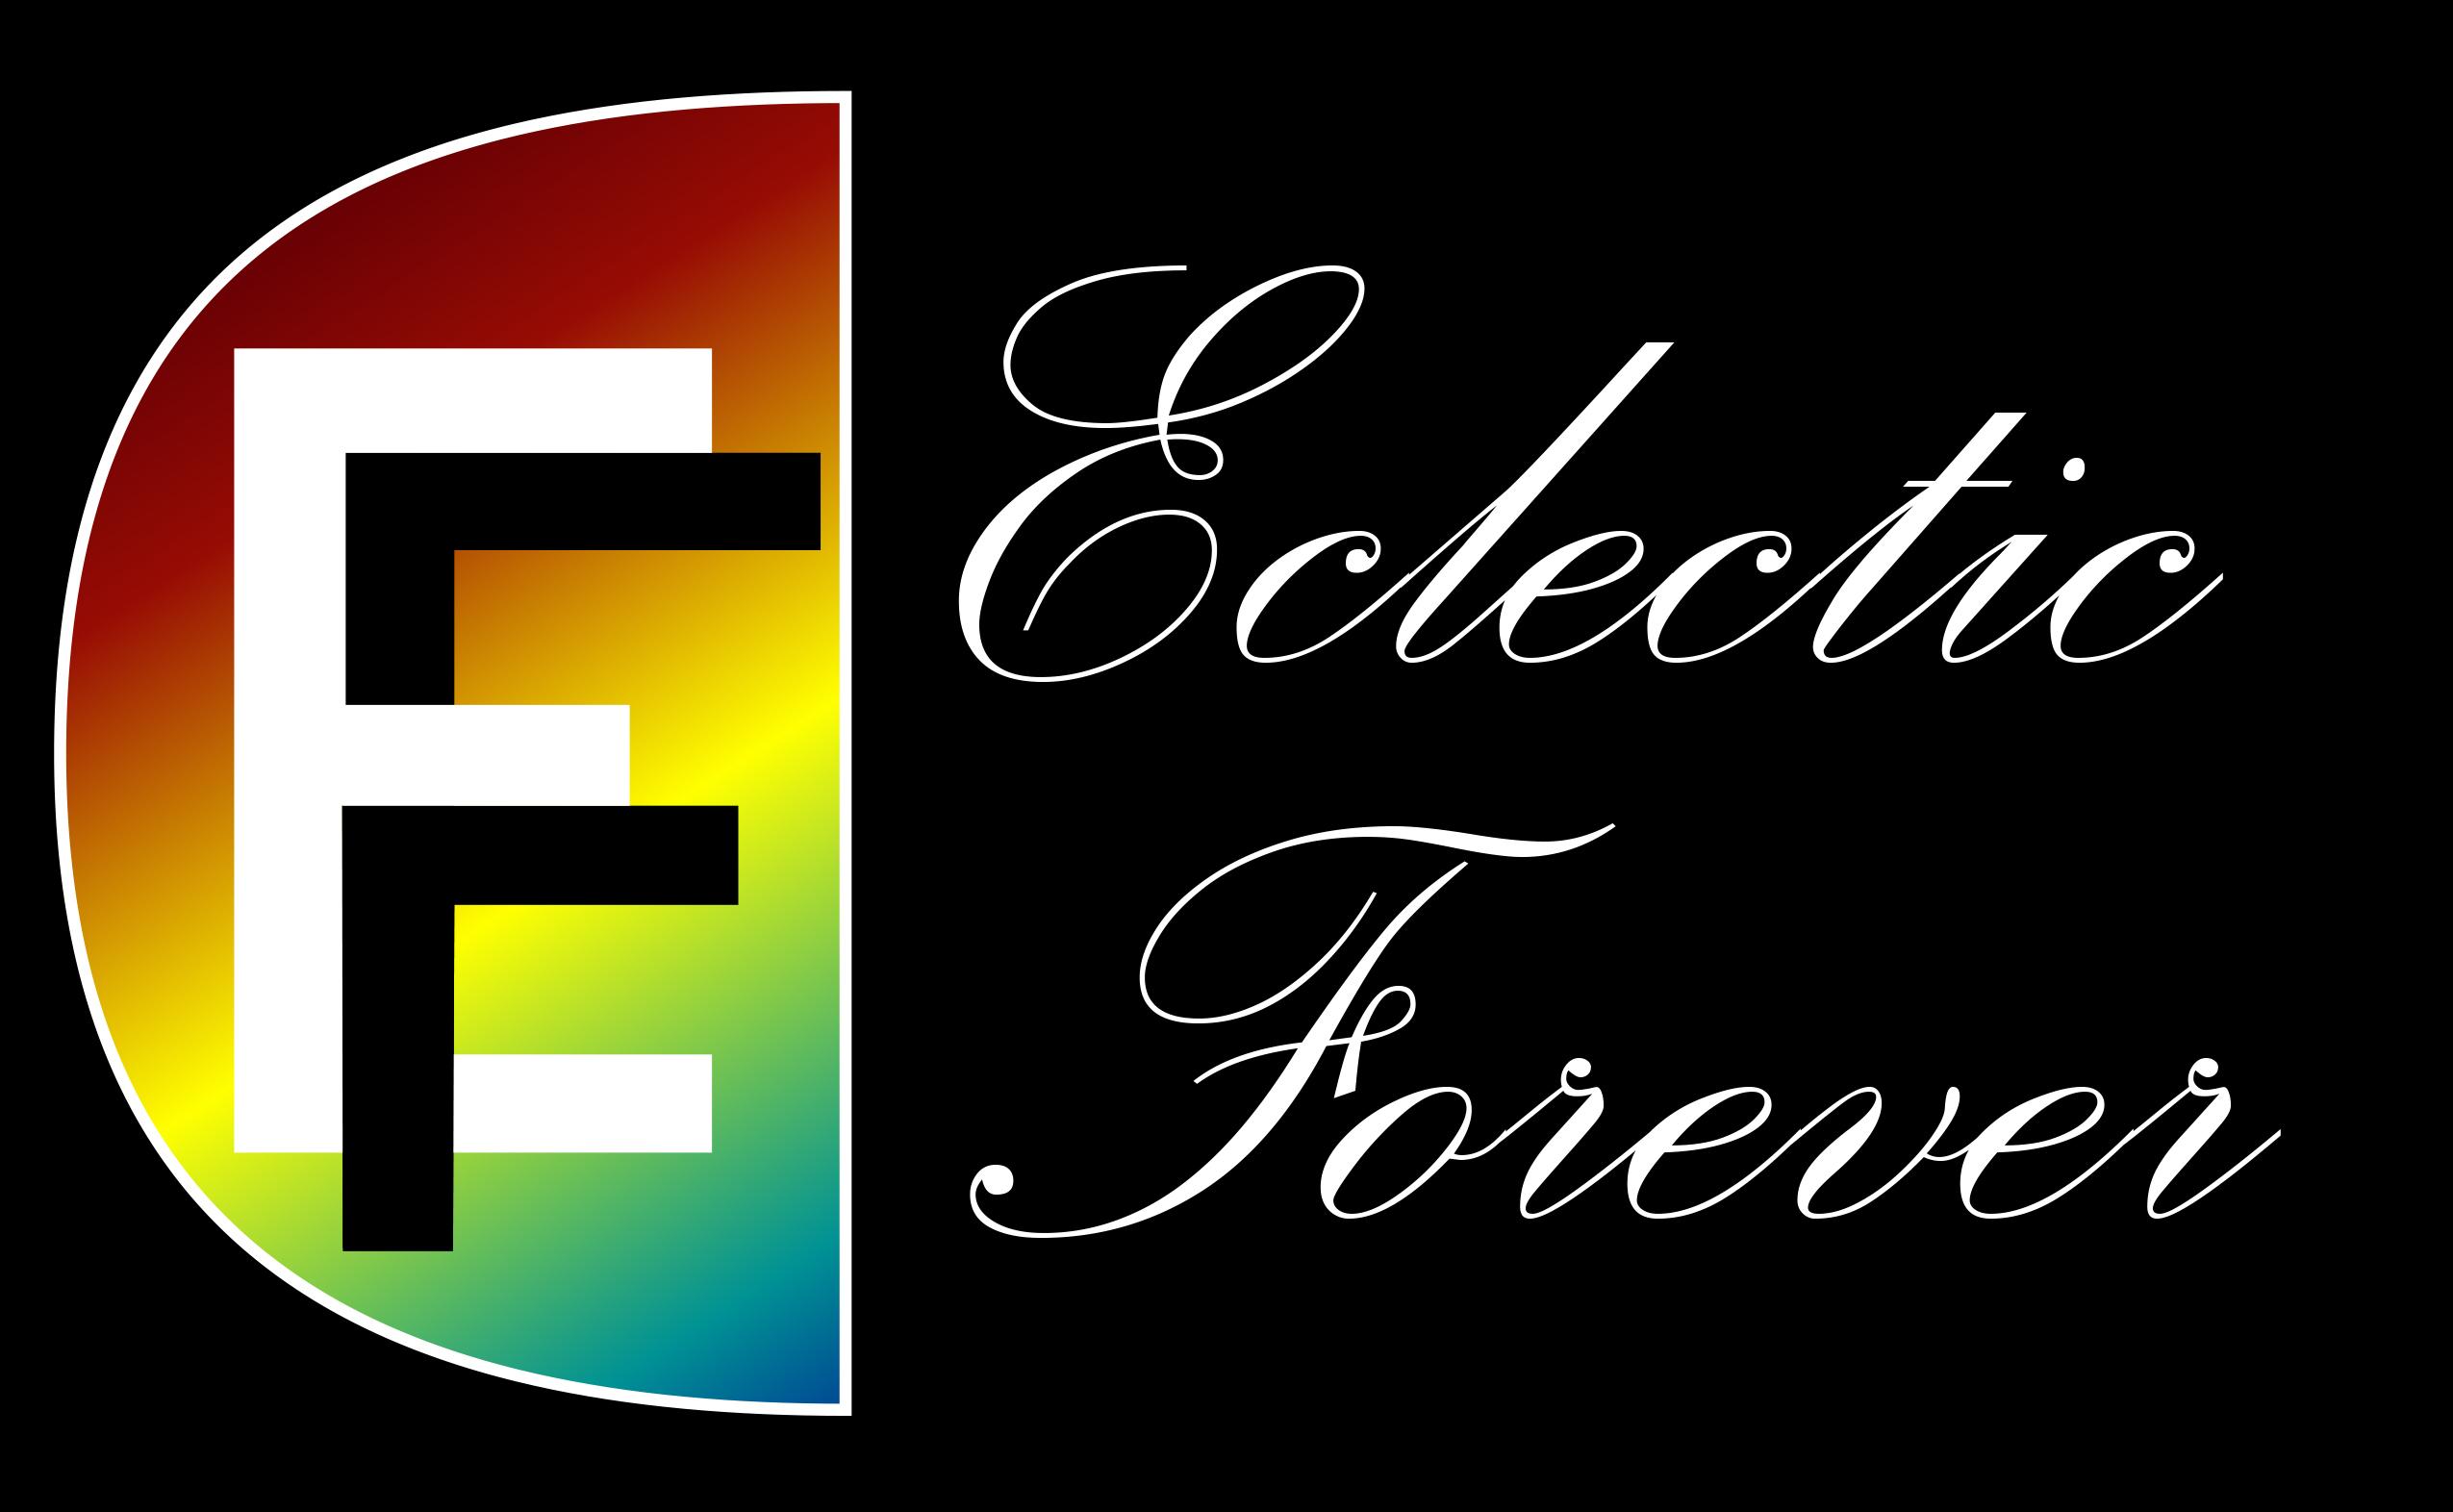 EF.HalfCircle